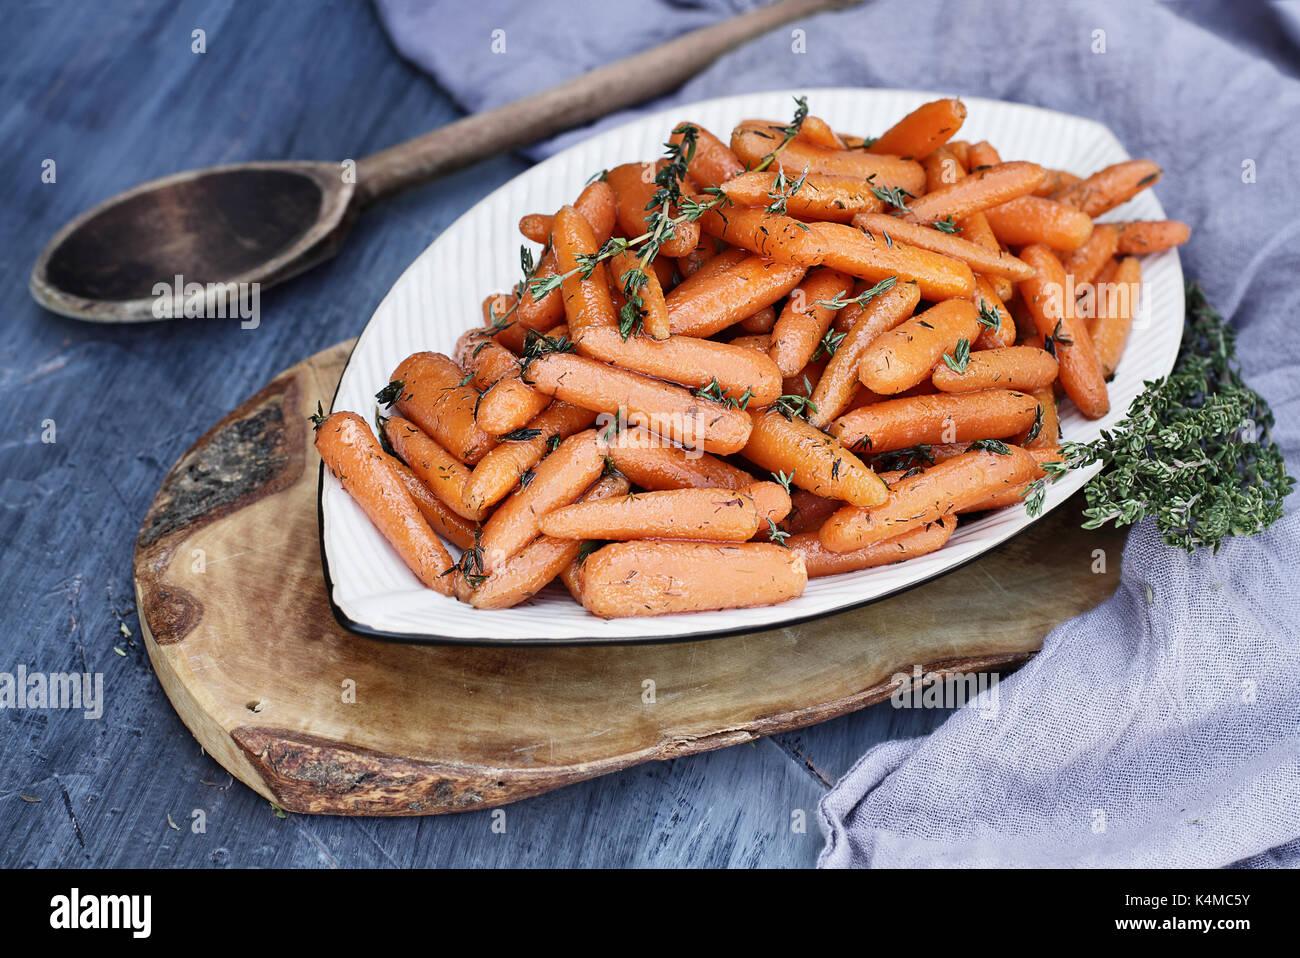 Glassato al miele baby carote con un vecchio rustico cucchiaio di legno e il timo. estrema profondità di campo con il fuoco selettivo su carote in primo piano. Immagini Stock